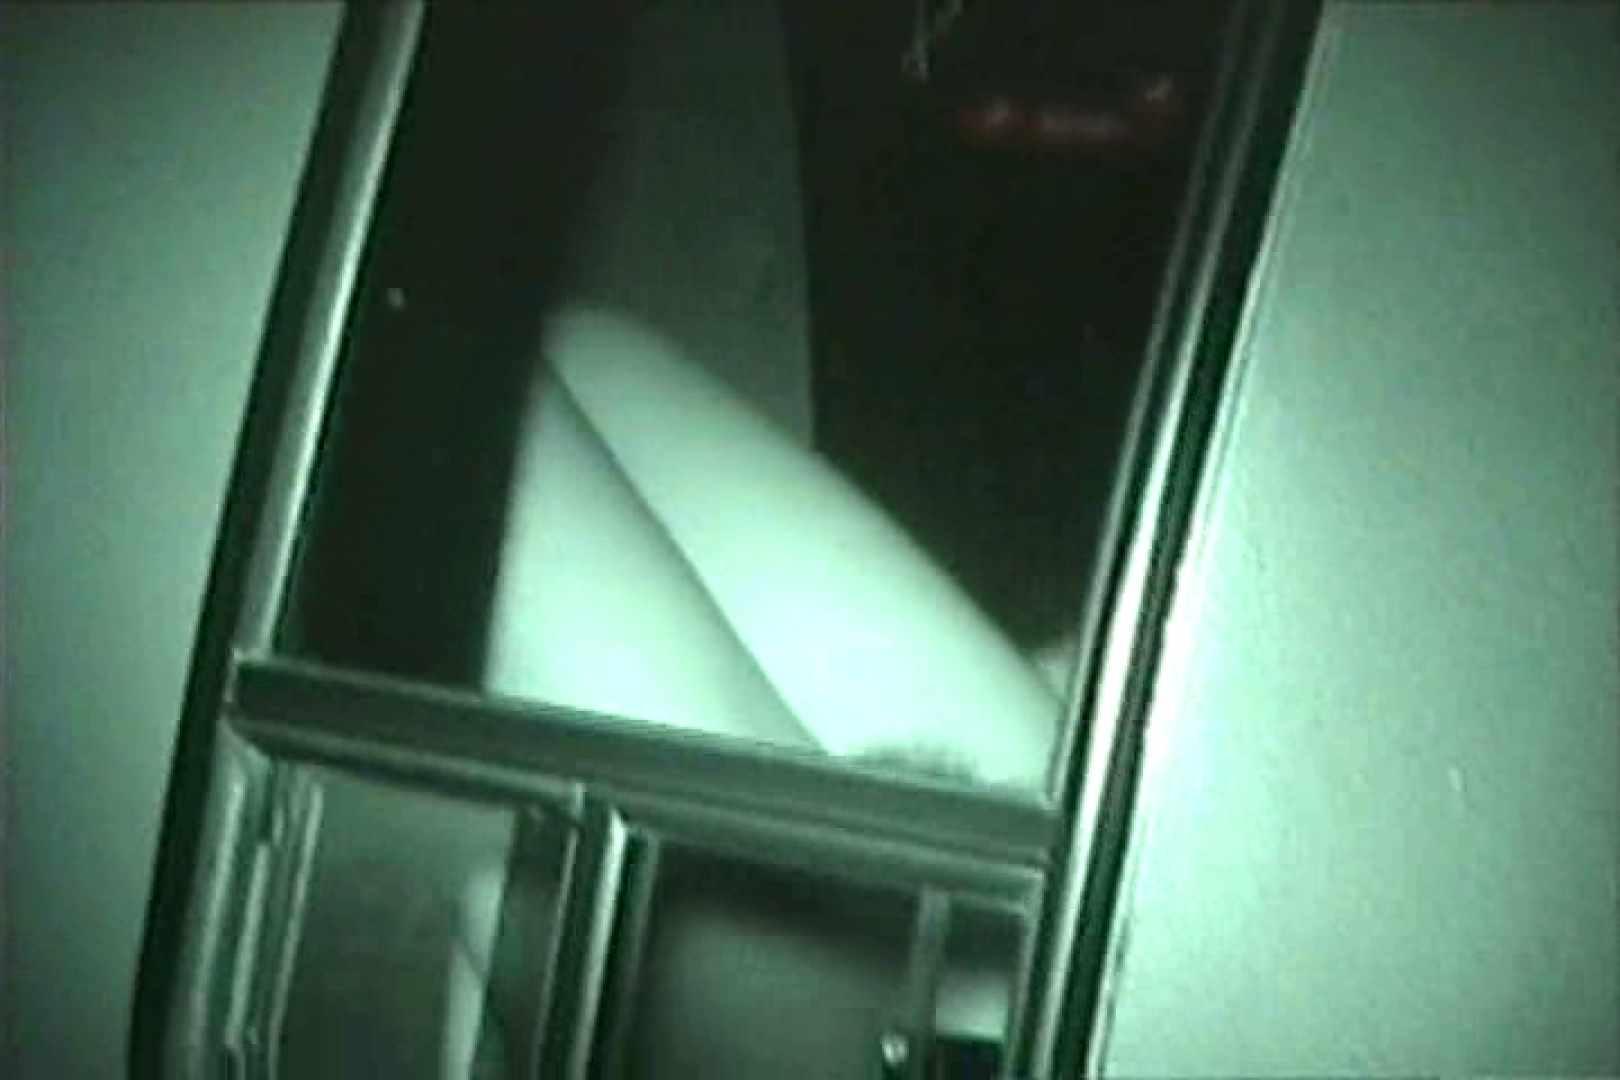 車の中はラブホテル 無修正版  Vol.25 車でエッチ 隠し撮りオマンコ動画紹介 103PIX 51